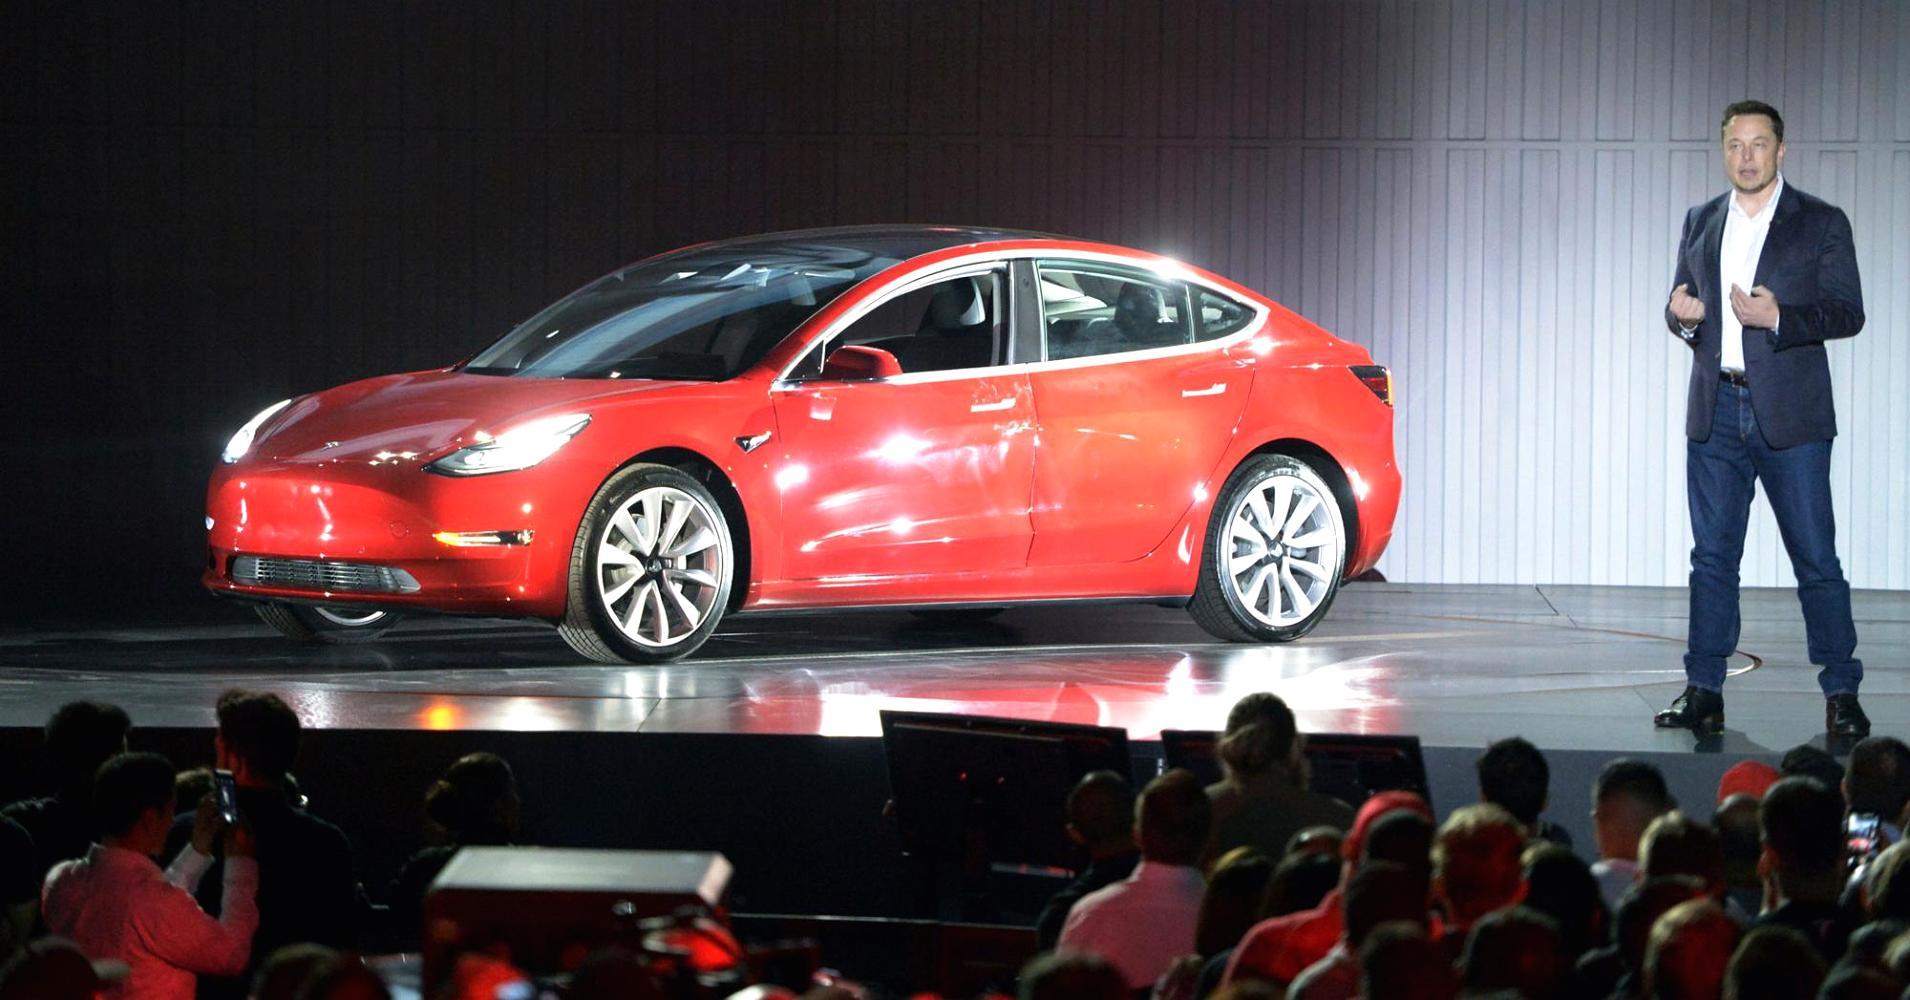 Tesla'dan Türkiye'de anlaşma: 200 kilometrede bir istasyon olacak